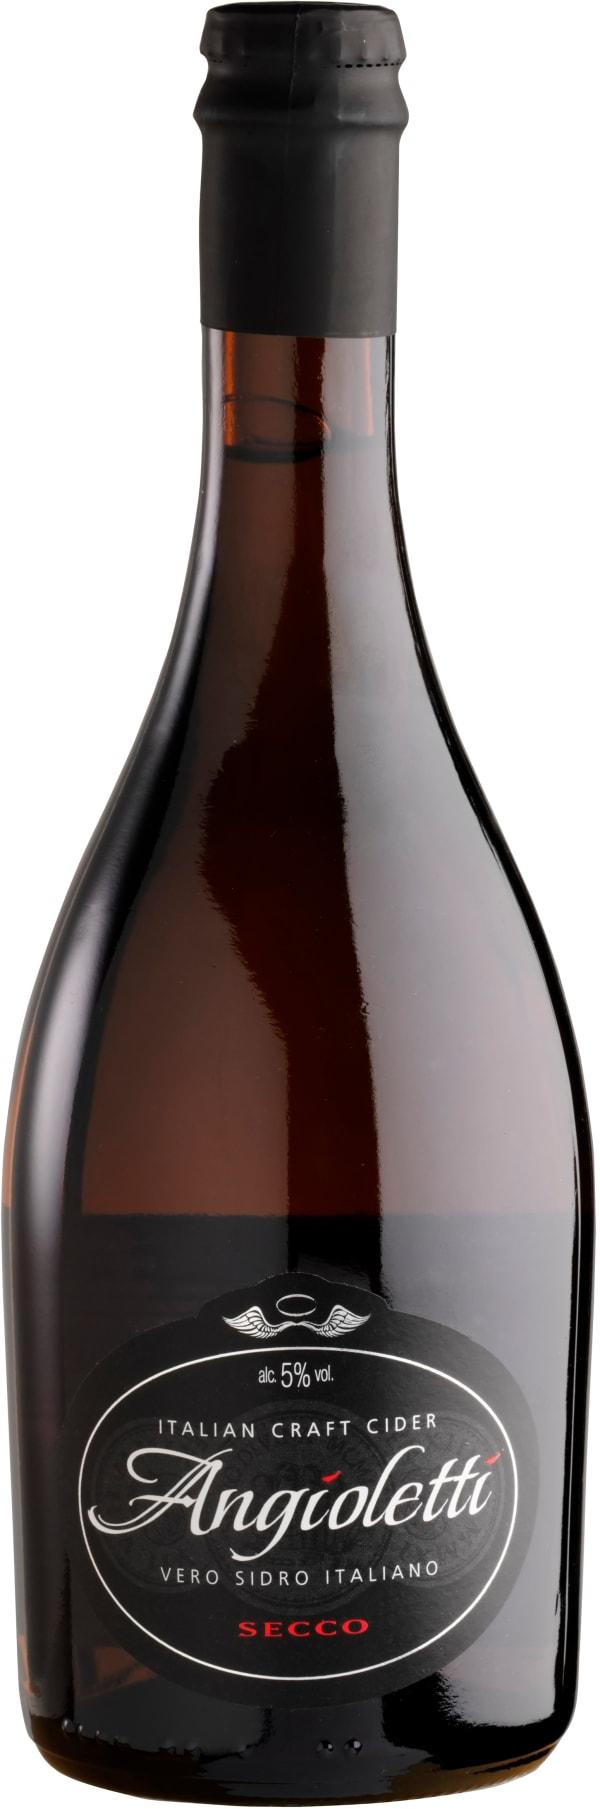 Angioletti Secco Cider